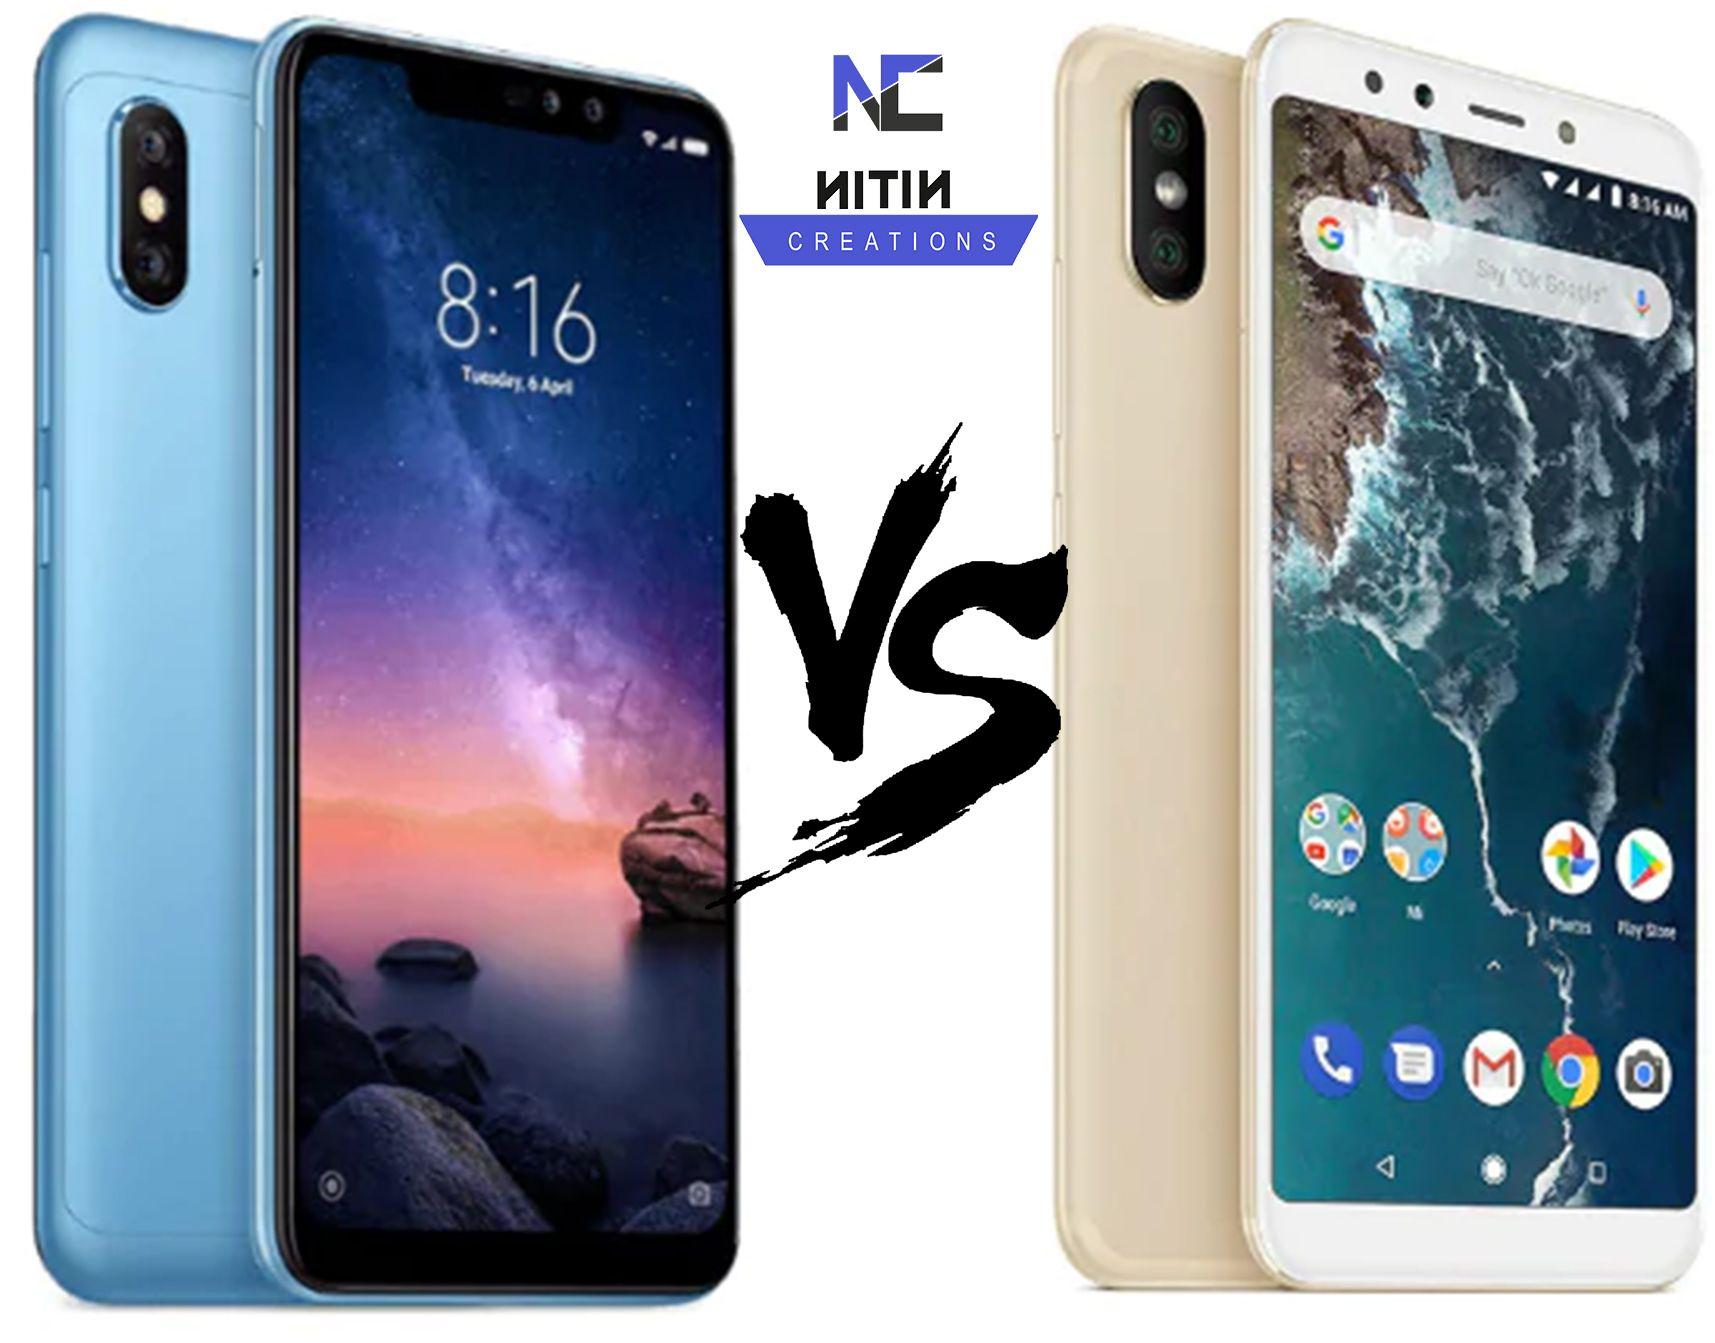 Xiaomi Redmi Note 6 Pro Vs Mi A2 Specifications Price Comparison Xiaomi Mobile Computing Price Comparison